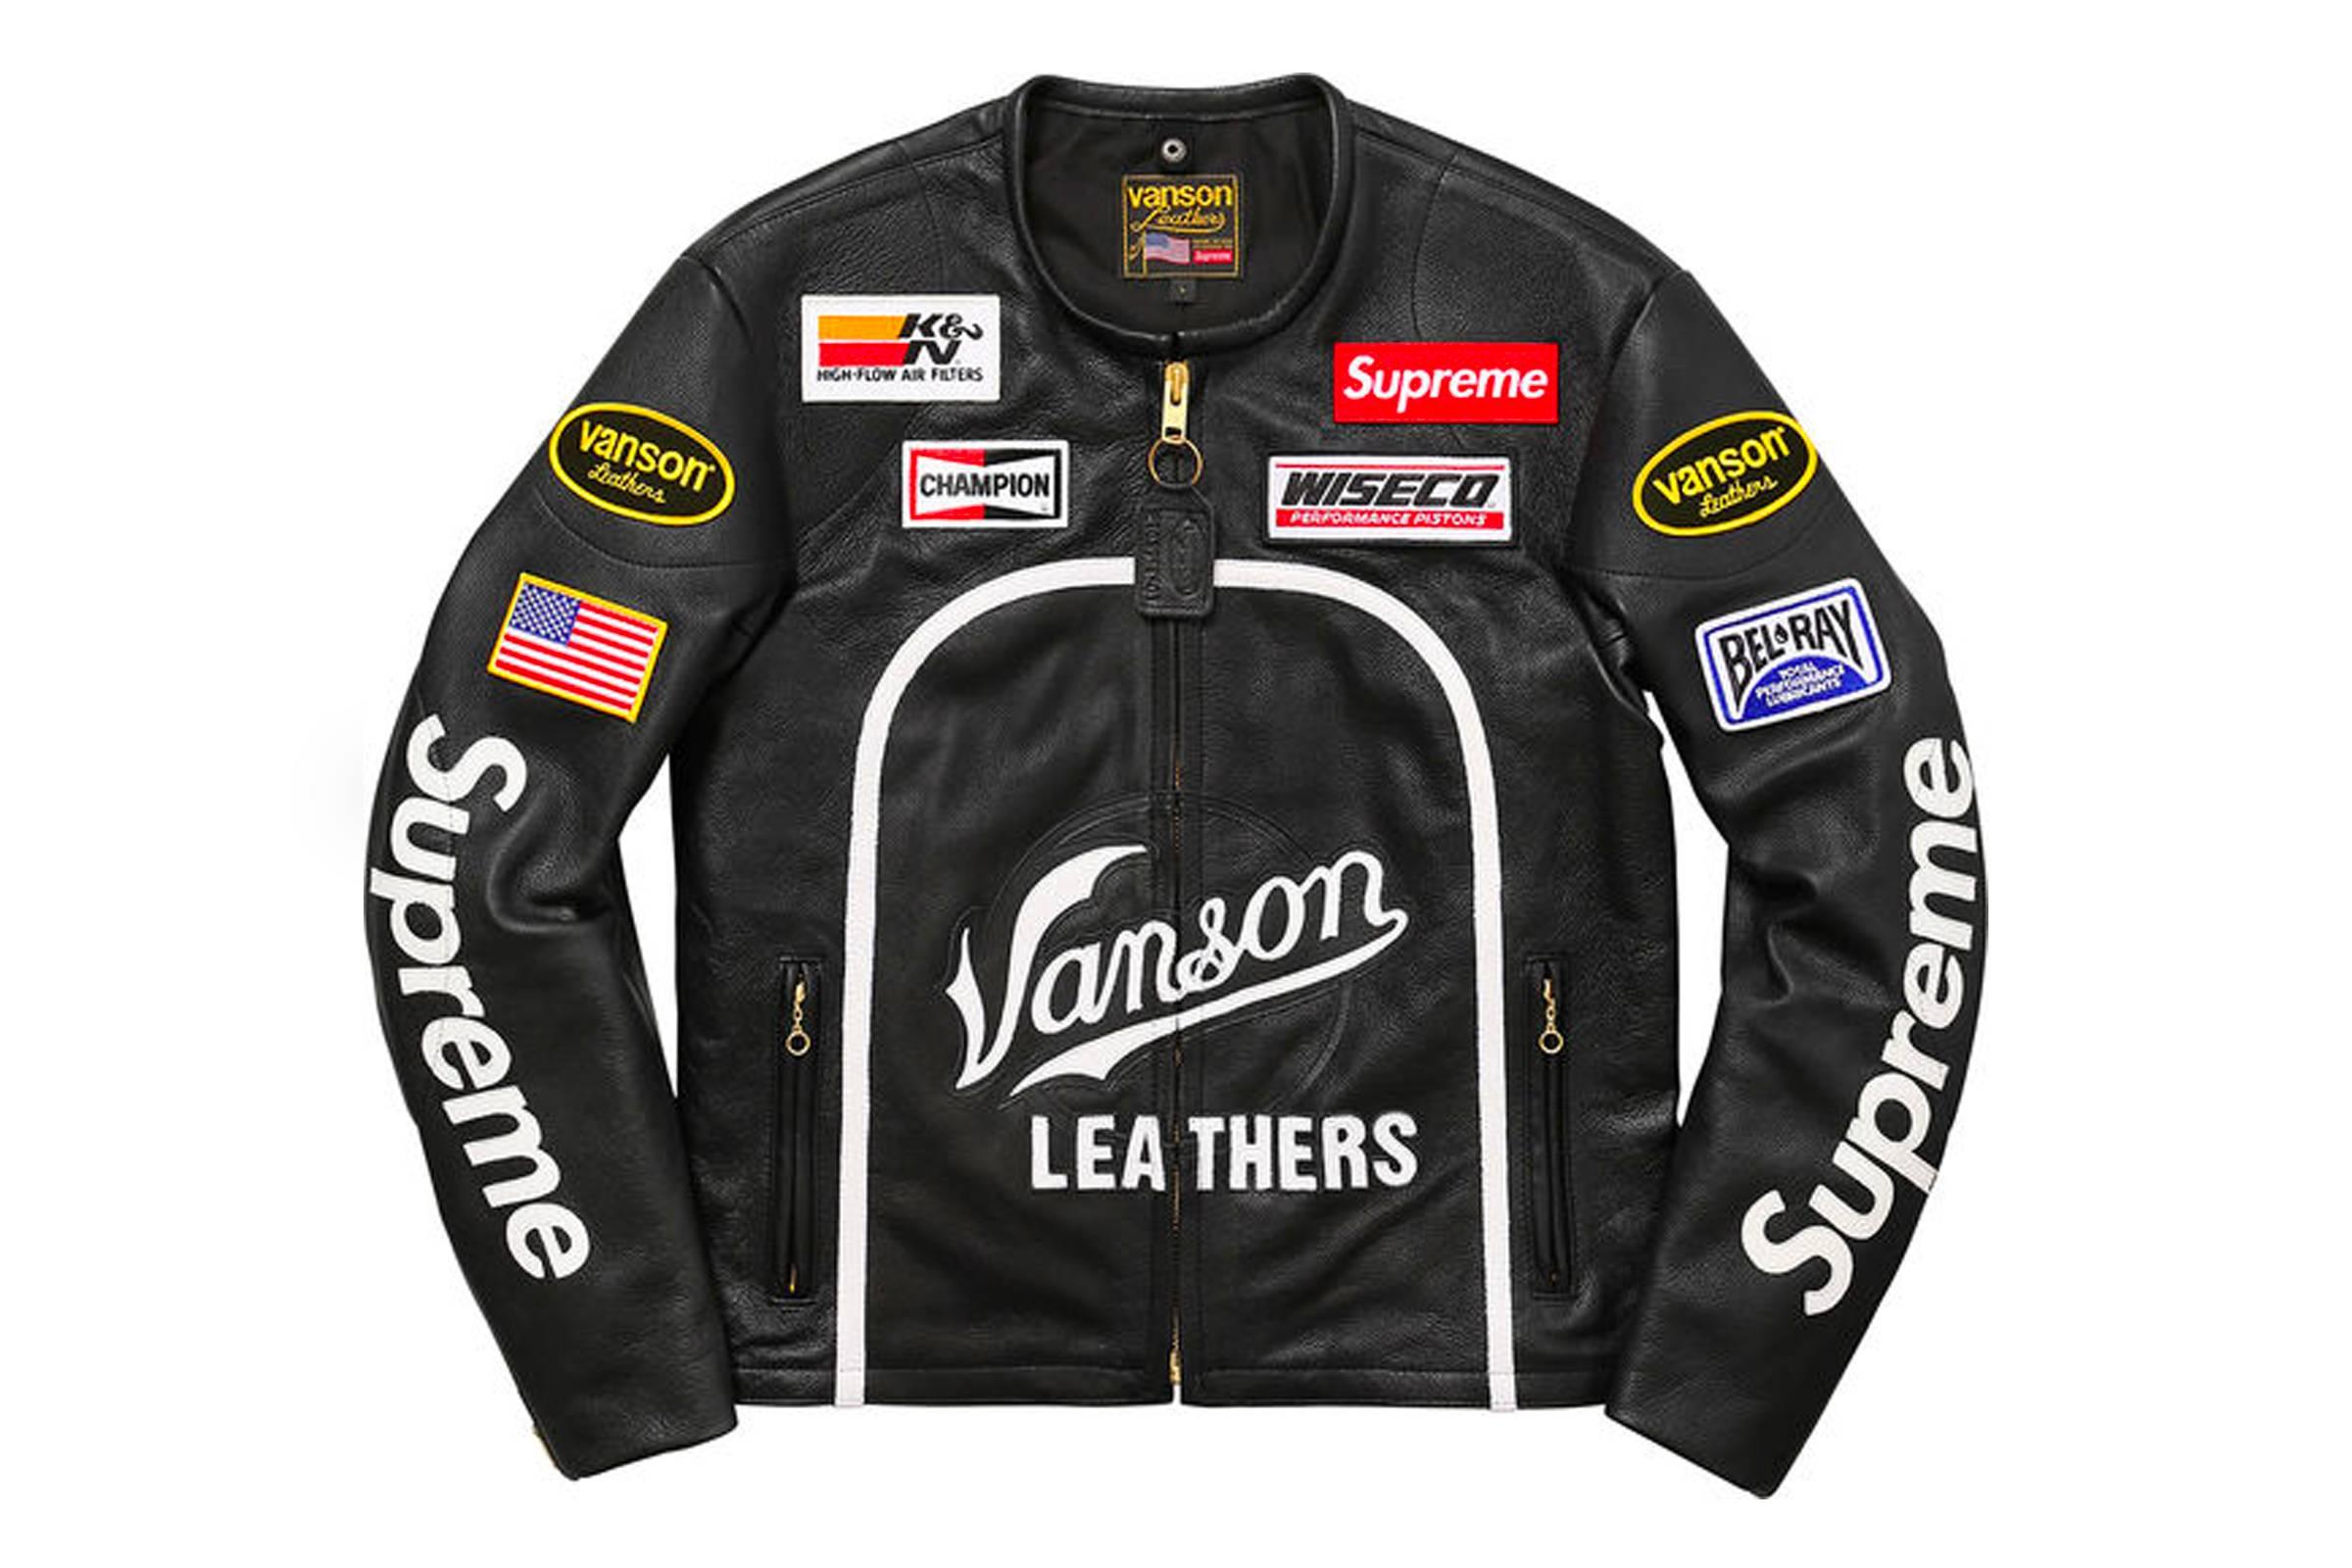 Vanson Racing Jacket